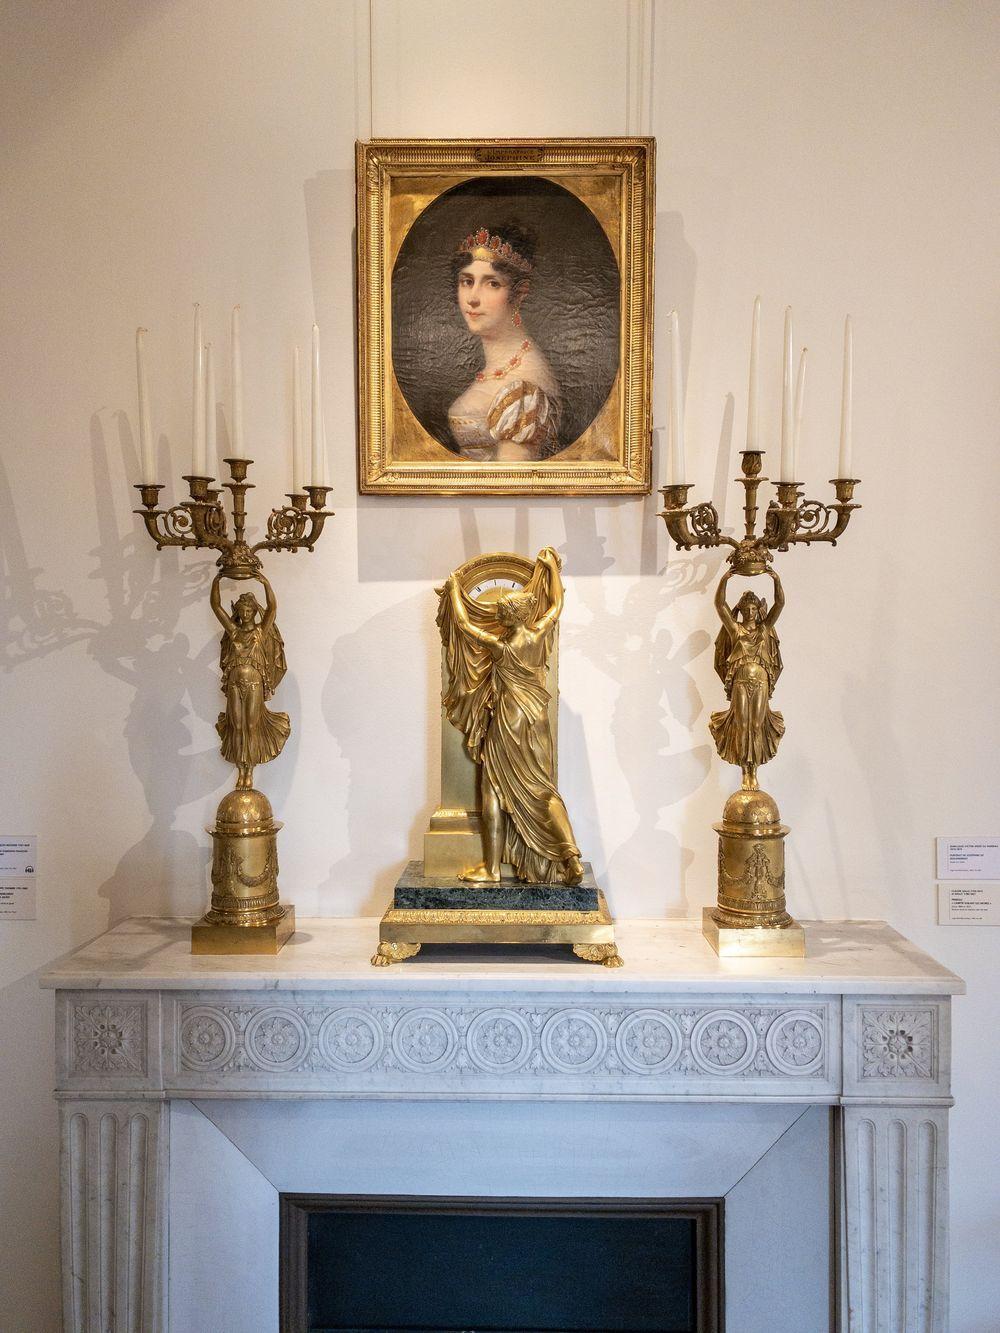 Musee Marmottan Monet - Jean-Louis Victor Viger du Vigneau, Portrait de Josephine de Beauharnais